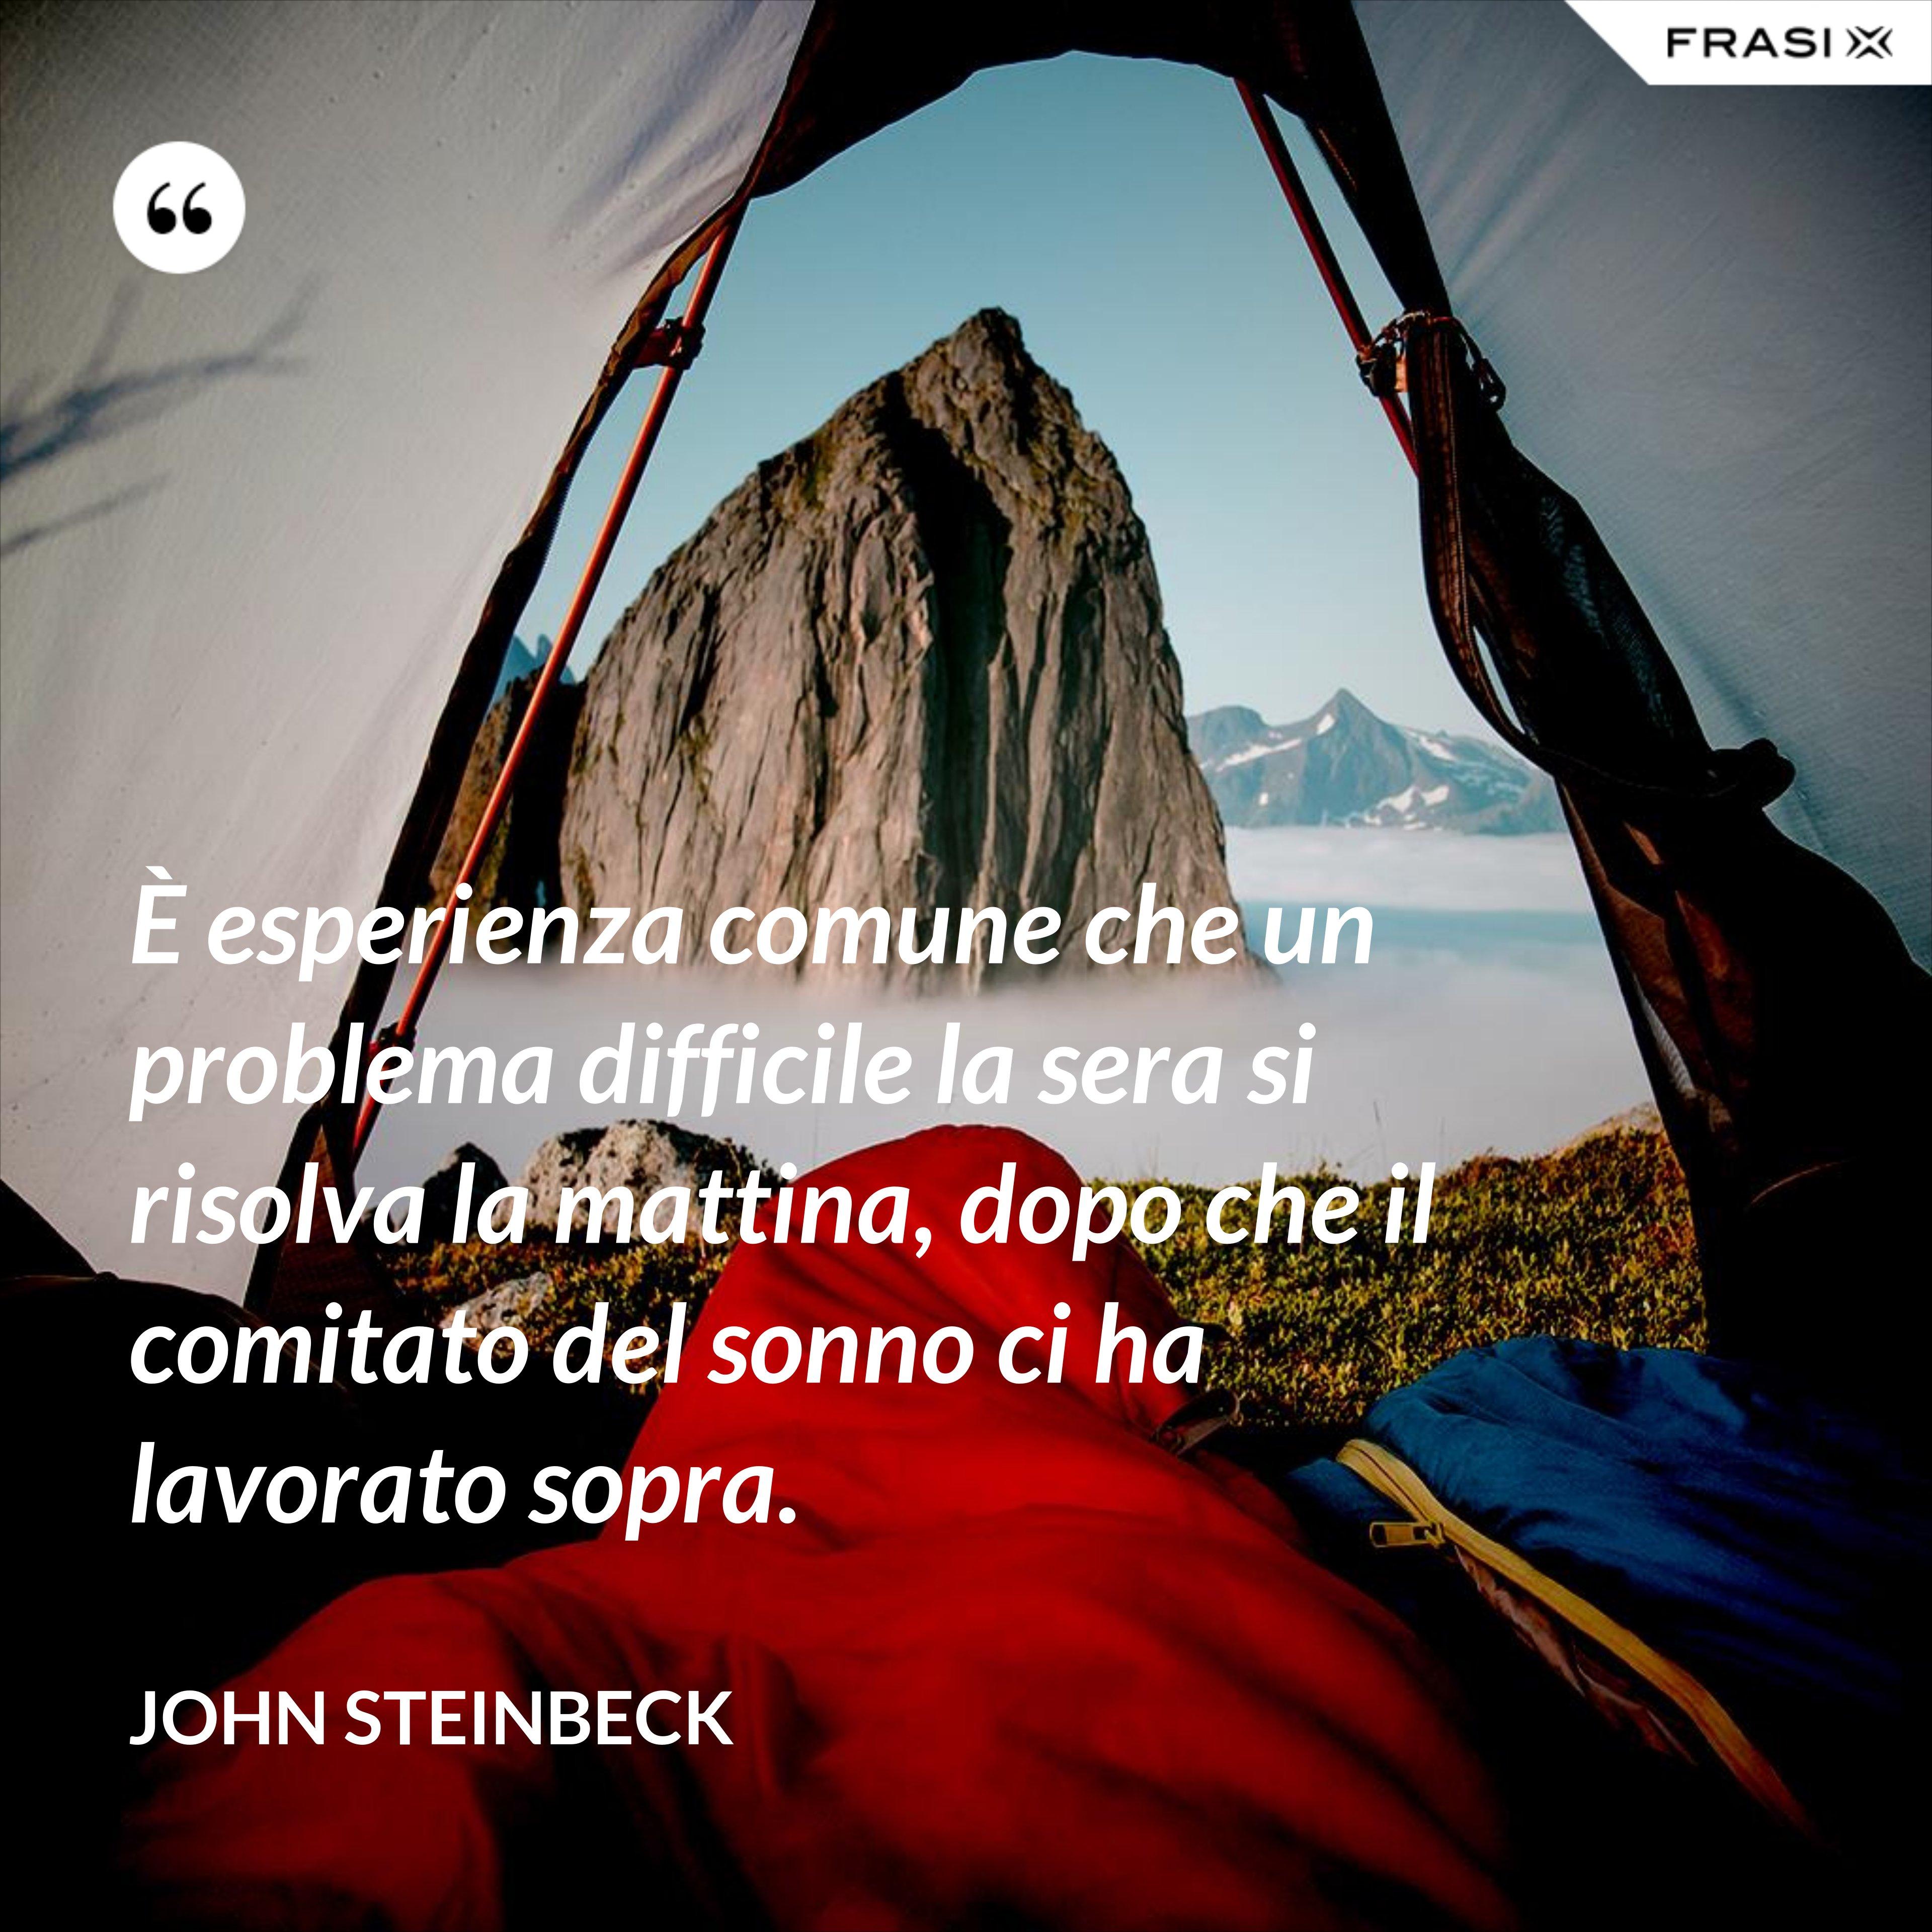 È esperienza comune che un problema difficile la sera si risolva la mattina, dopo che il comitato del sonno ci ha lavorato sopra. - John Steinbeck